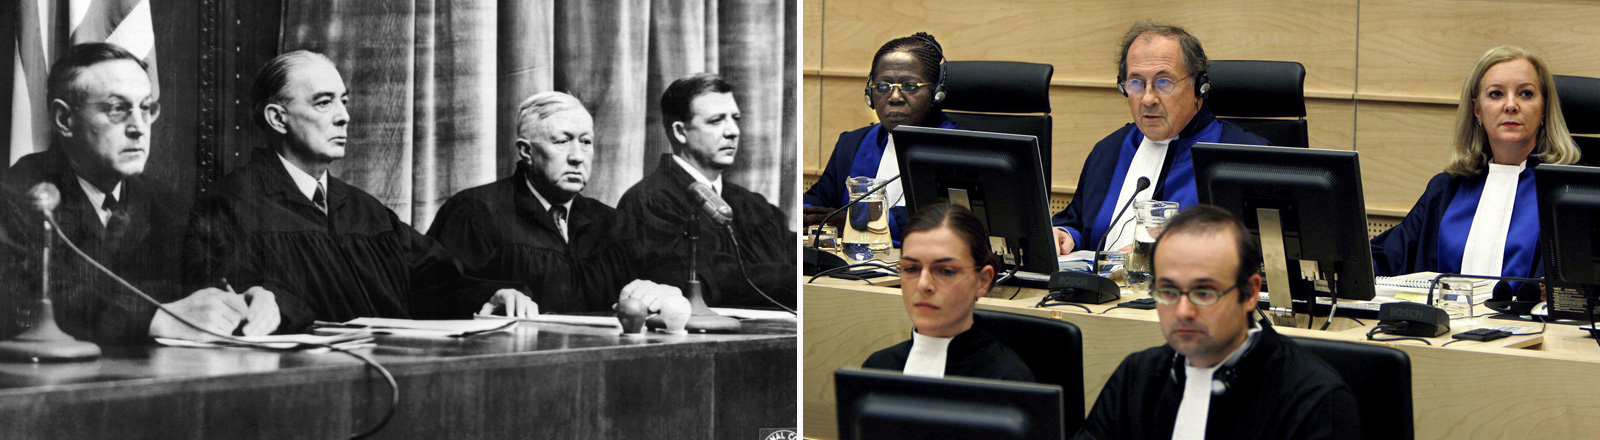 Rechts: International Criminal Court (ICC) judges Akua Kuenyehia (L, Ghana), Claude Jorda (C, France) and Sylvia Steiner (R, Brasil) attend the initial appearance of Congolese militia leader Thomas Lubanga, at the ICC in The Hague, Monday 20 March 2006. Links: Die Richterbank (l-r): Harold L. Sebring, Gerichtspräsident Walter B. Beals, Johnson Tal Crawford und Victor C. Swearingen. Im grossen Schwurgerichtssaal von Nürnberg begann am 21. November 1946 unter Vorsitz des Gerichtspräsidenten Walter B. Beals der Prozeß gegen 23 Nazi-Ärzte und Wissenschaftl...